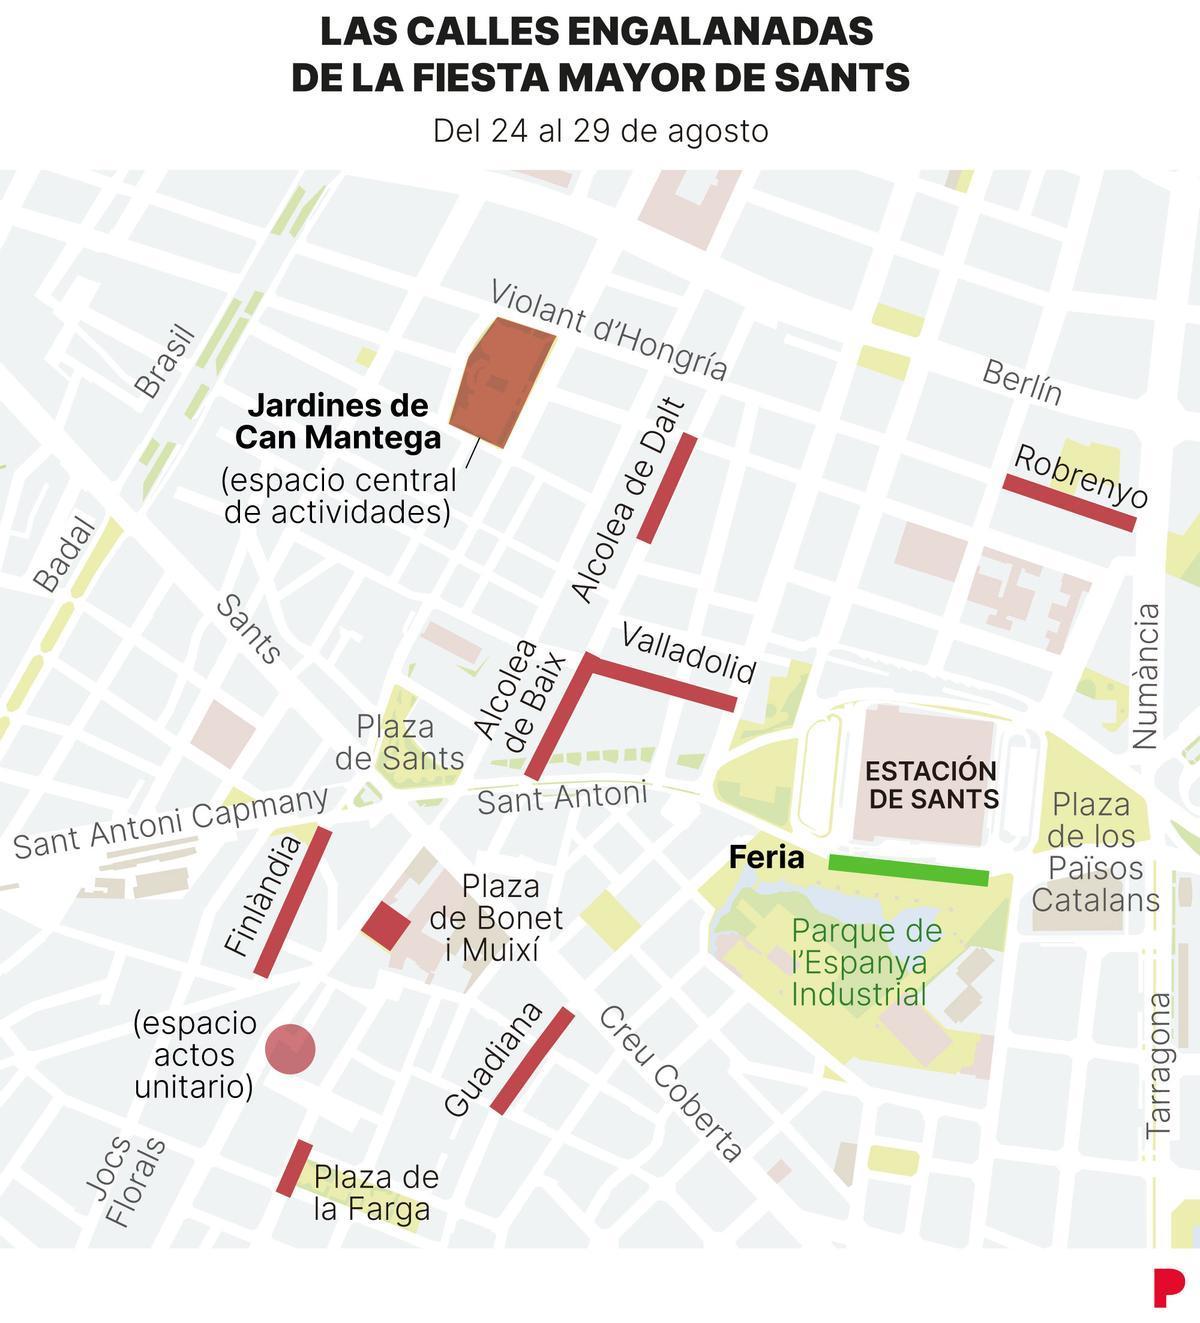 Festa Major de Sants: mapa de actividades, calles adornadas y cortadas